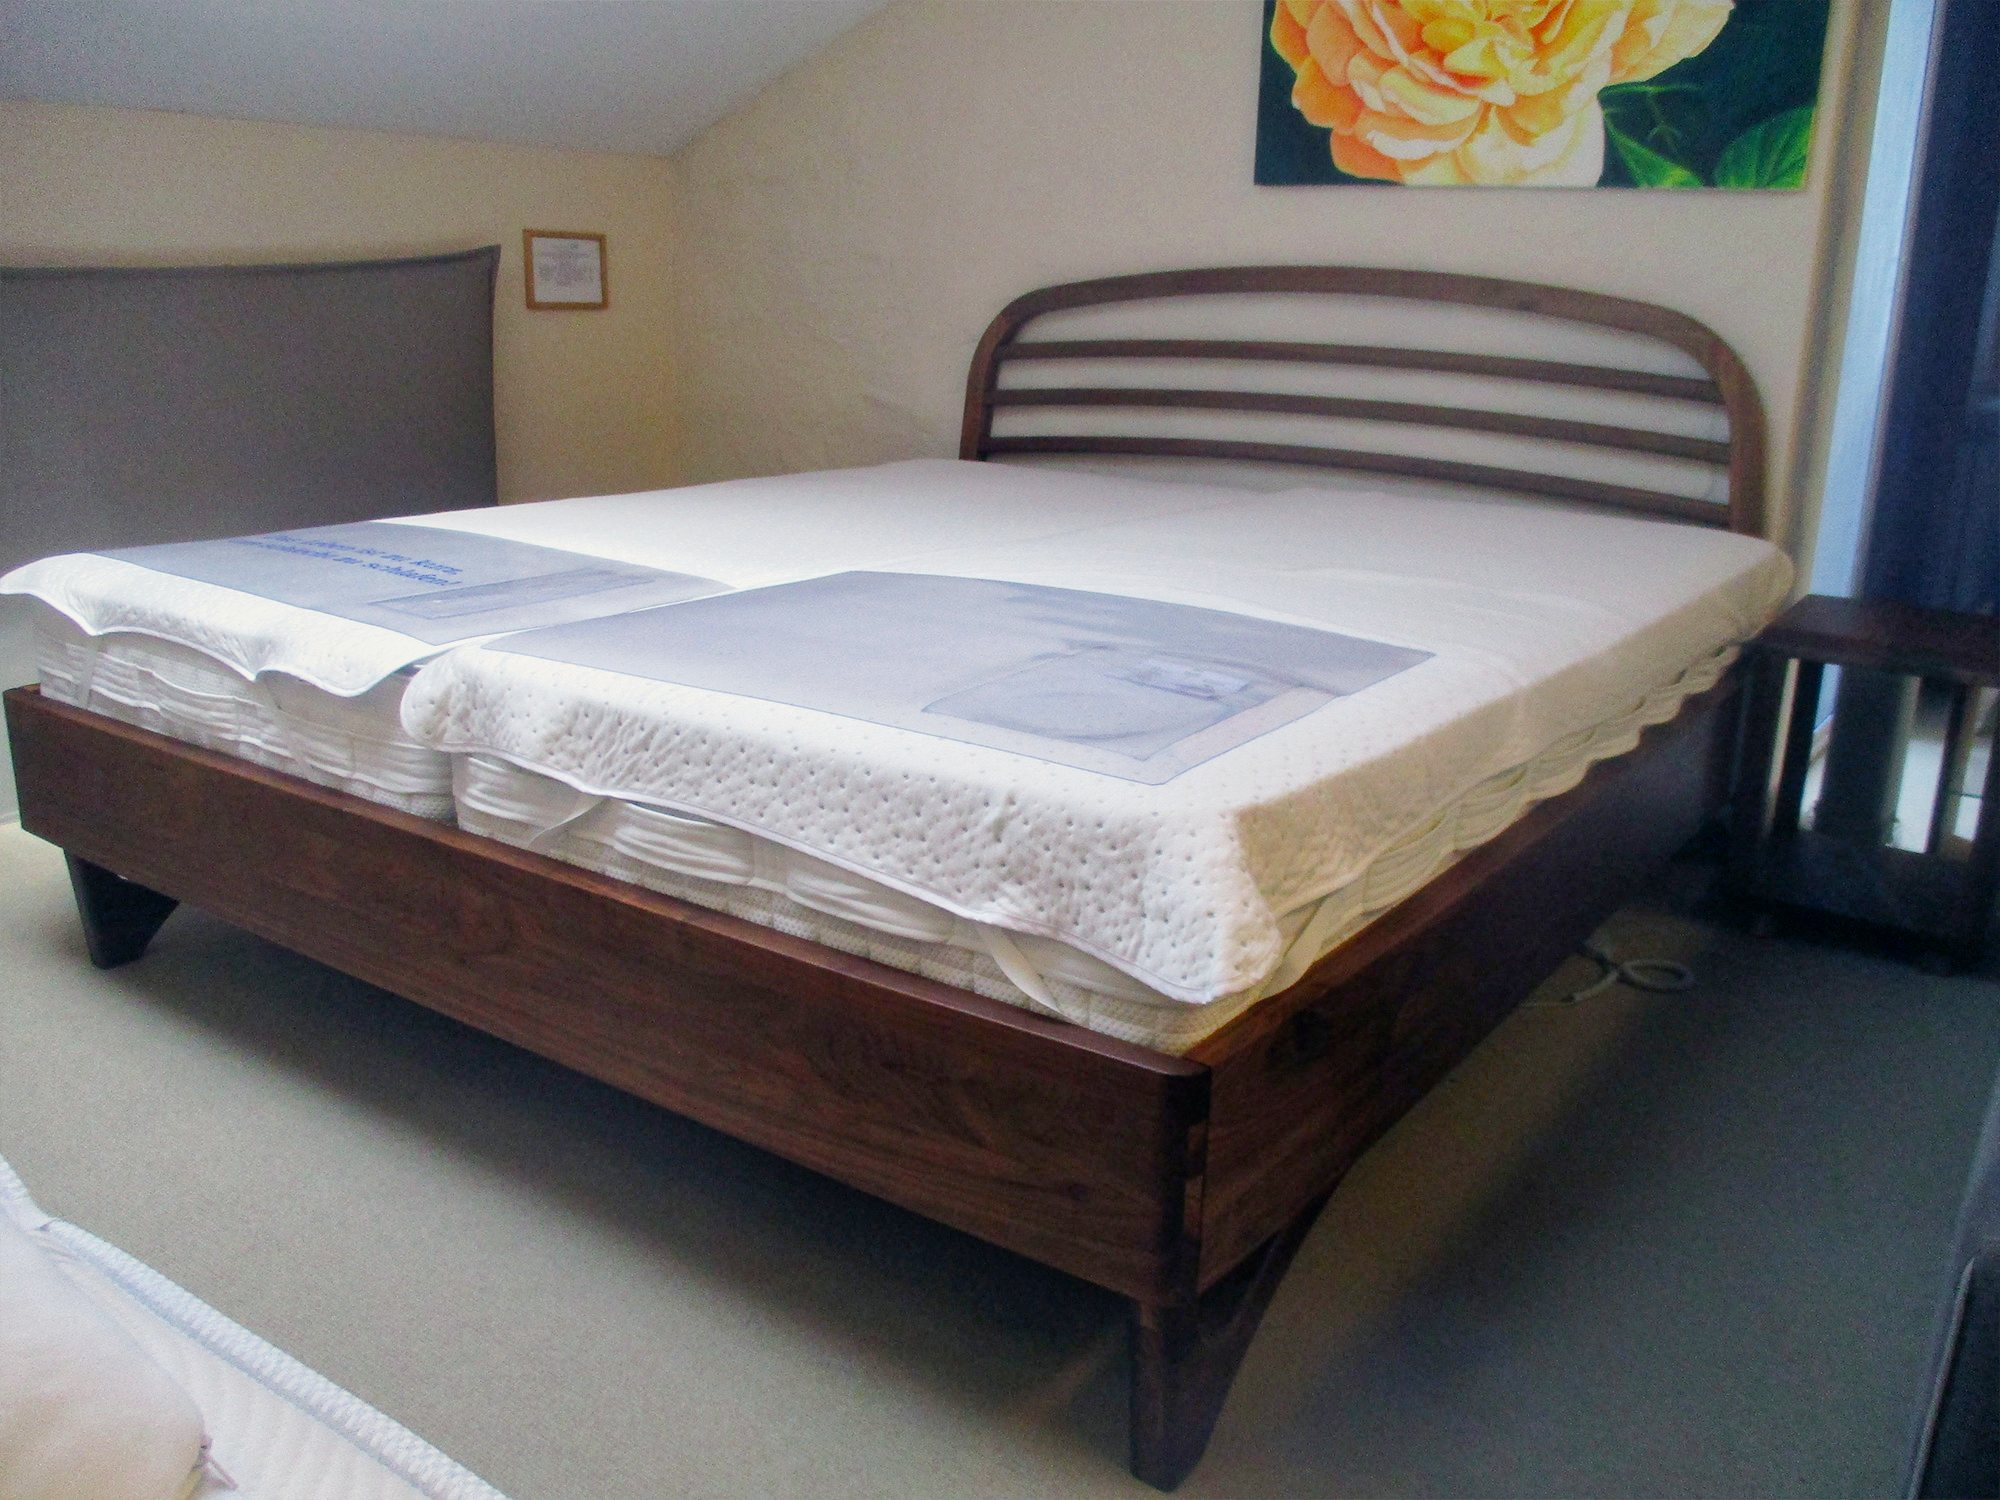 Angebot Bettgestell dormiente Liv Nussbaum massiv